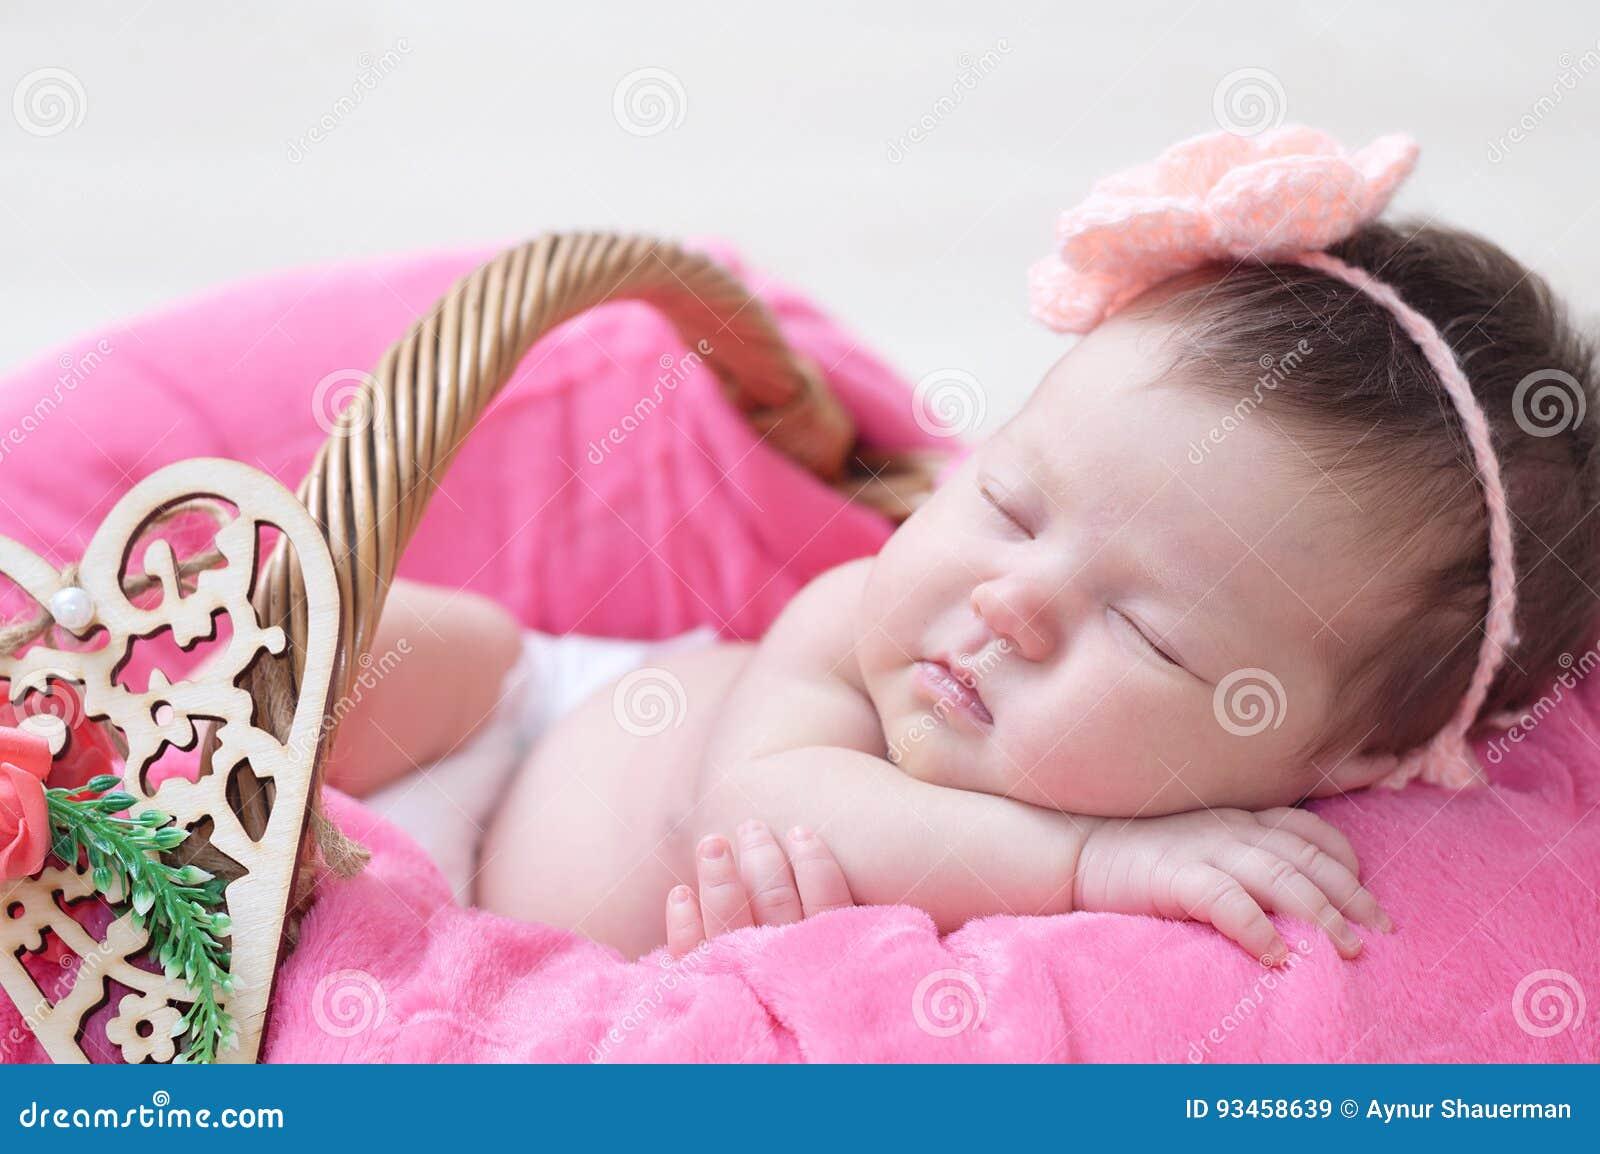 newborn sleeping in basket, baby girl lying in pink blanket, cute